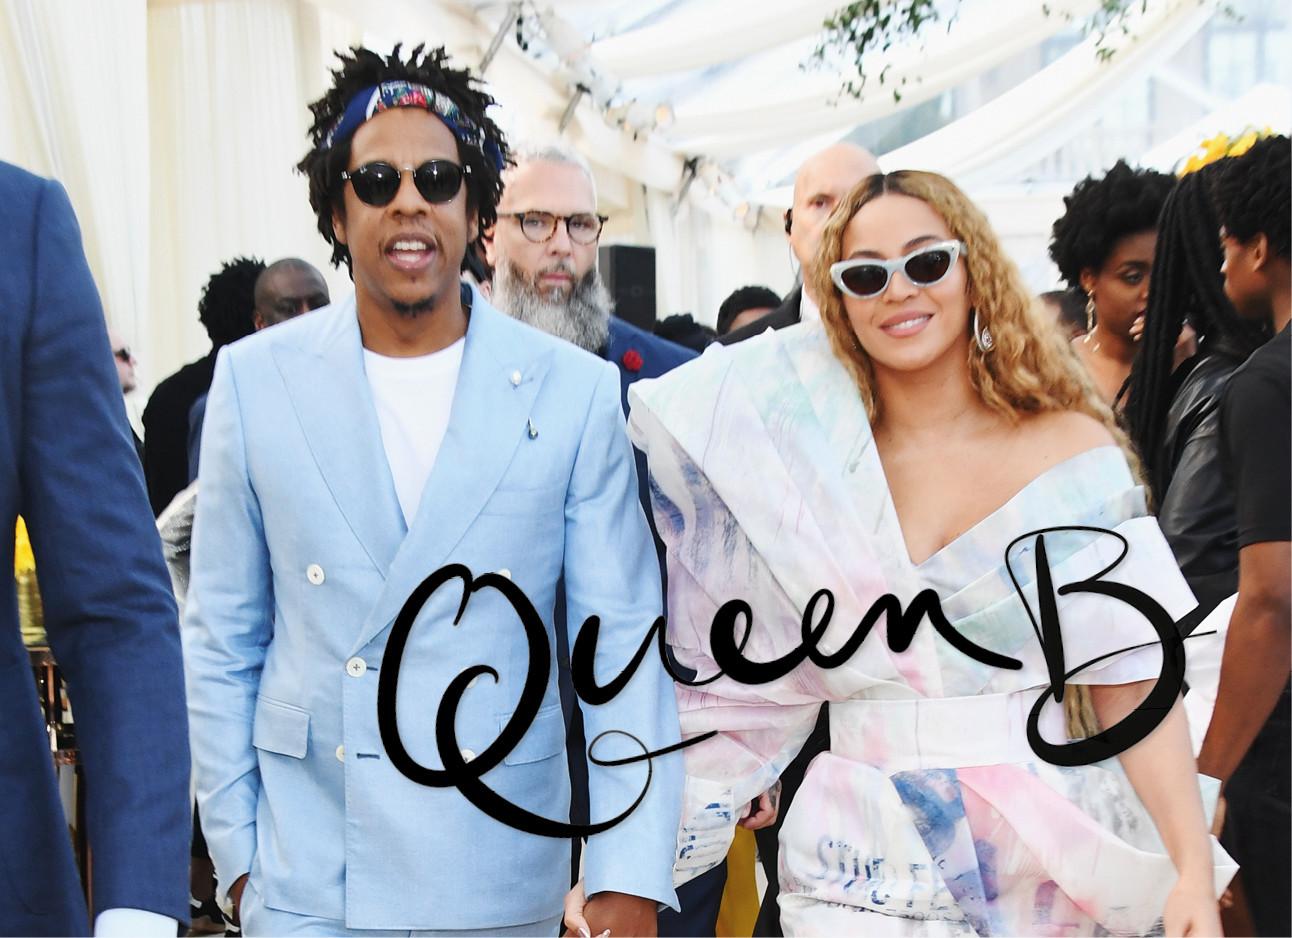 beyonce en Jay z lopend bij een feestje met zonnebril op